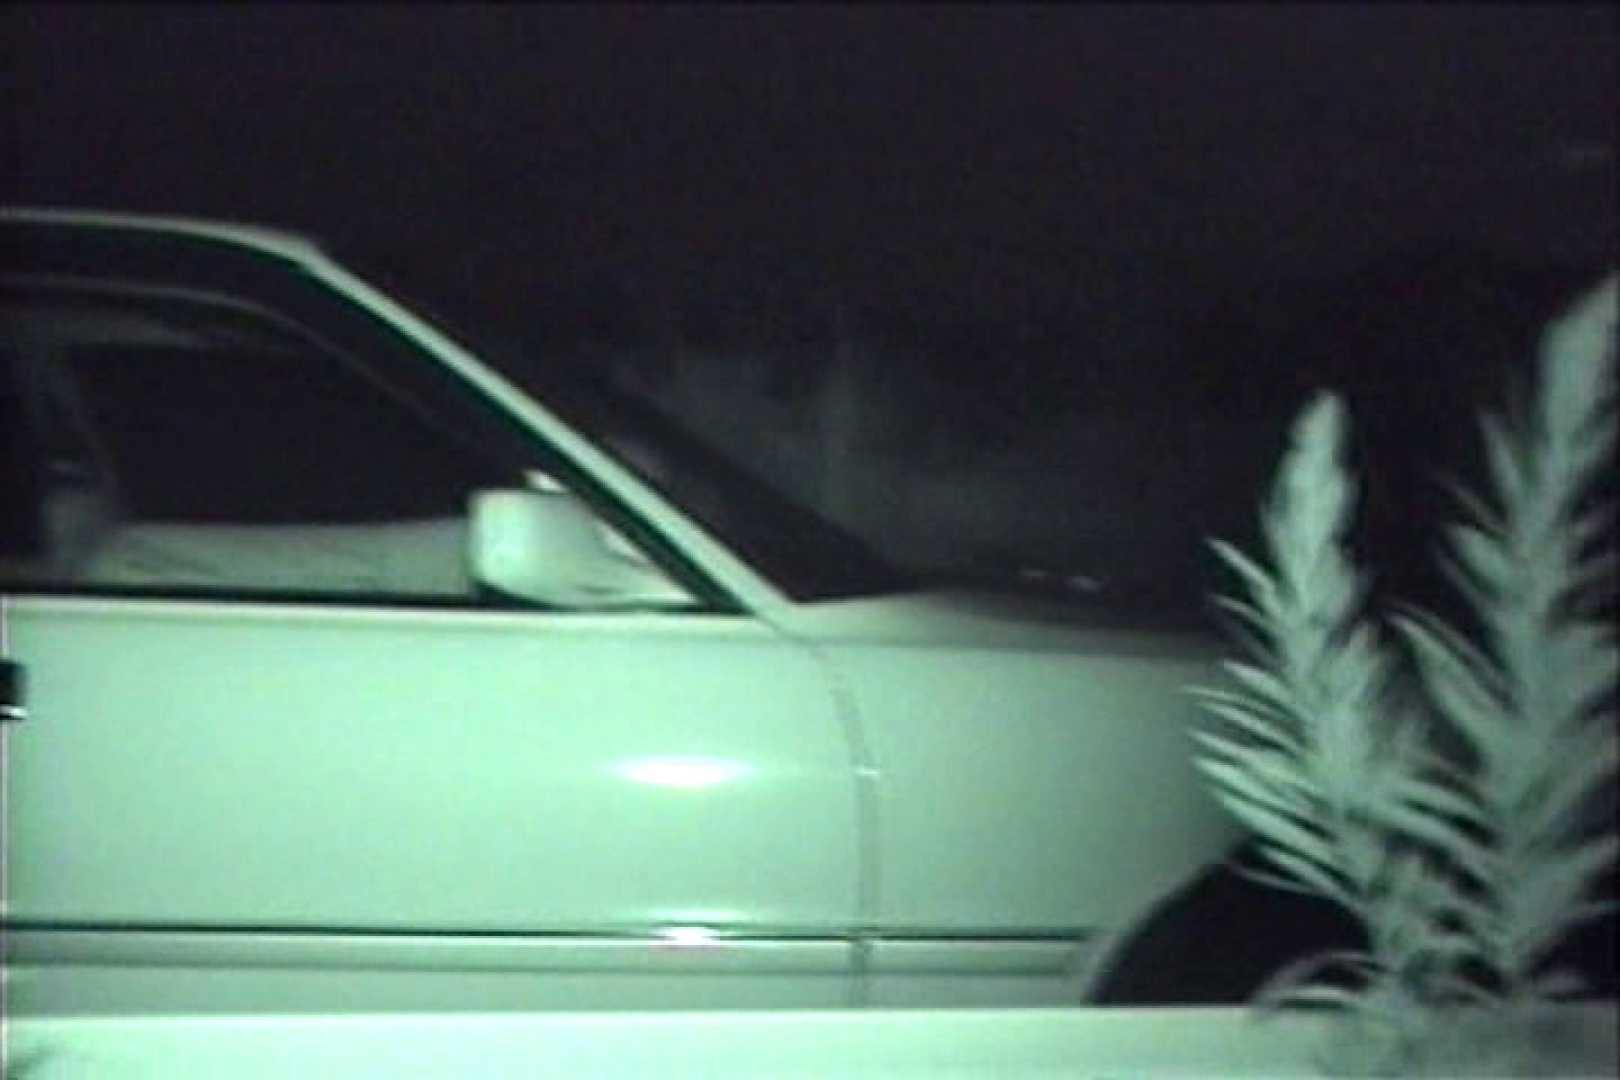 車の中はラブホテル 無修正版  Vol.18 カップル記念日 おまんこ動画流出 80連発 24